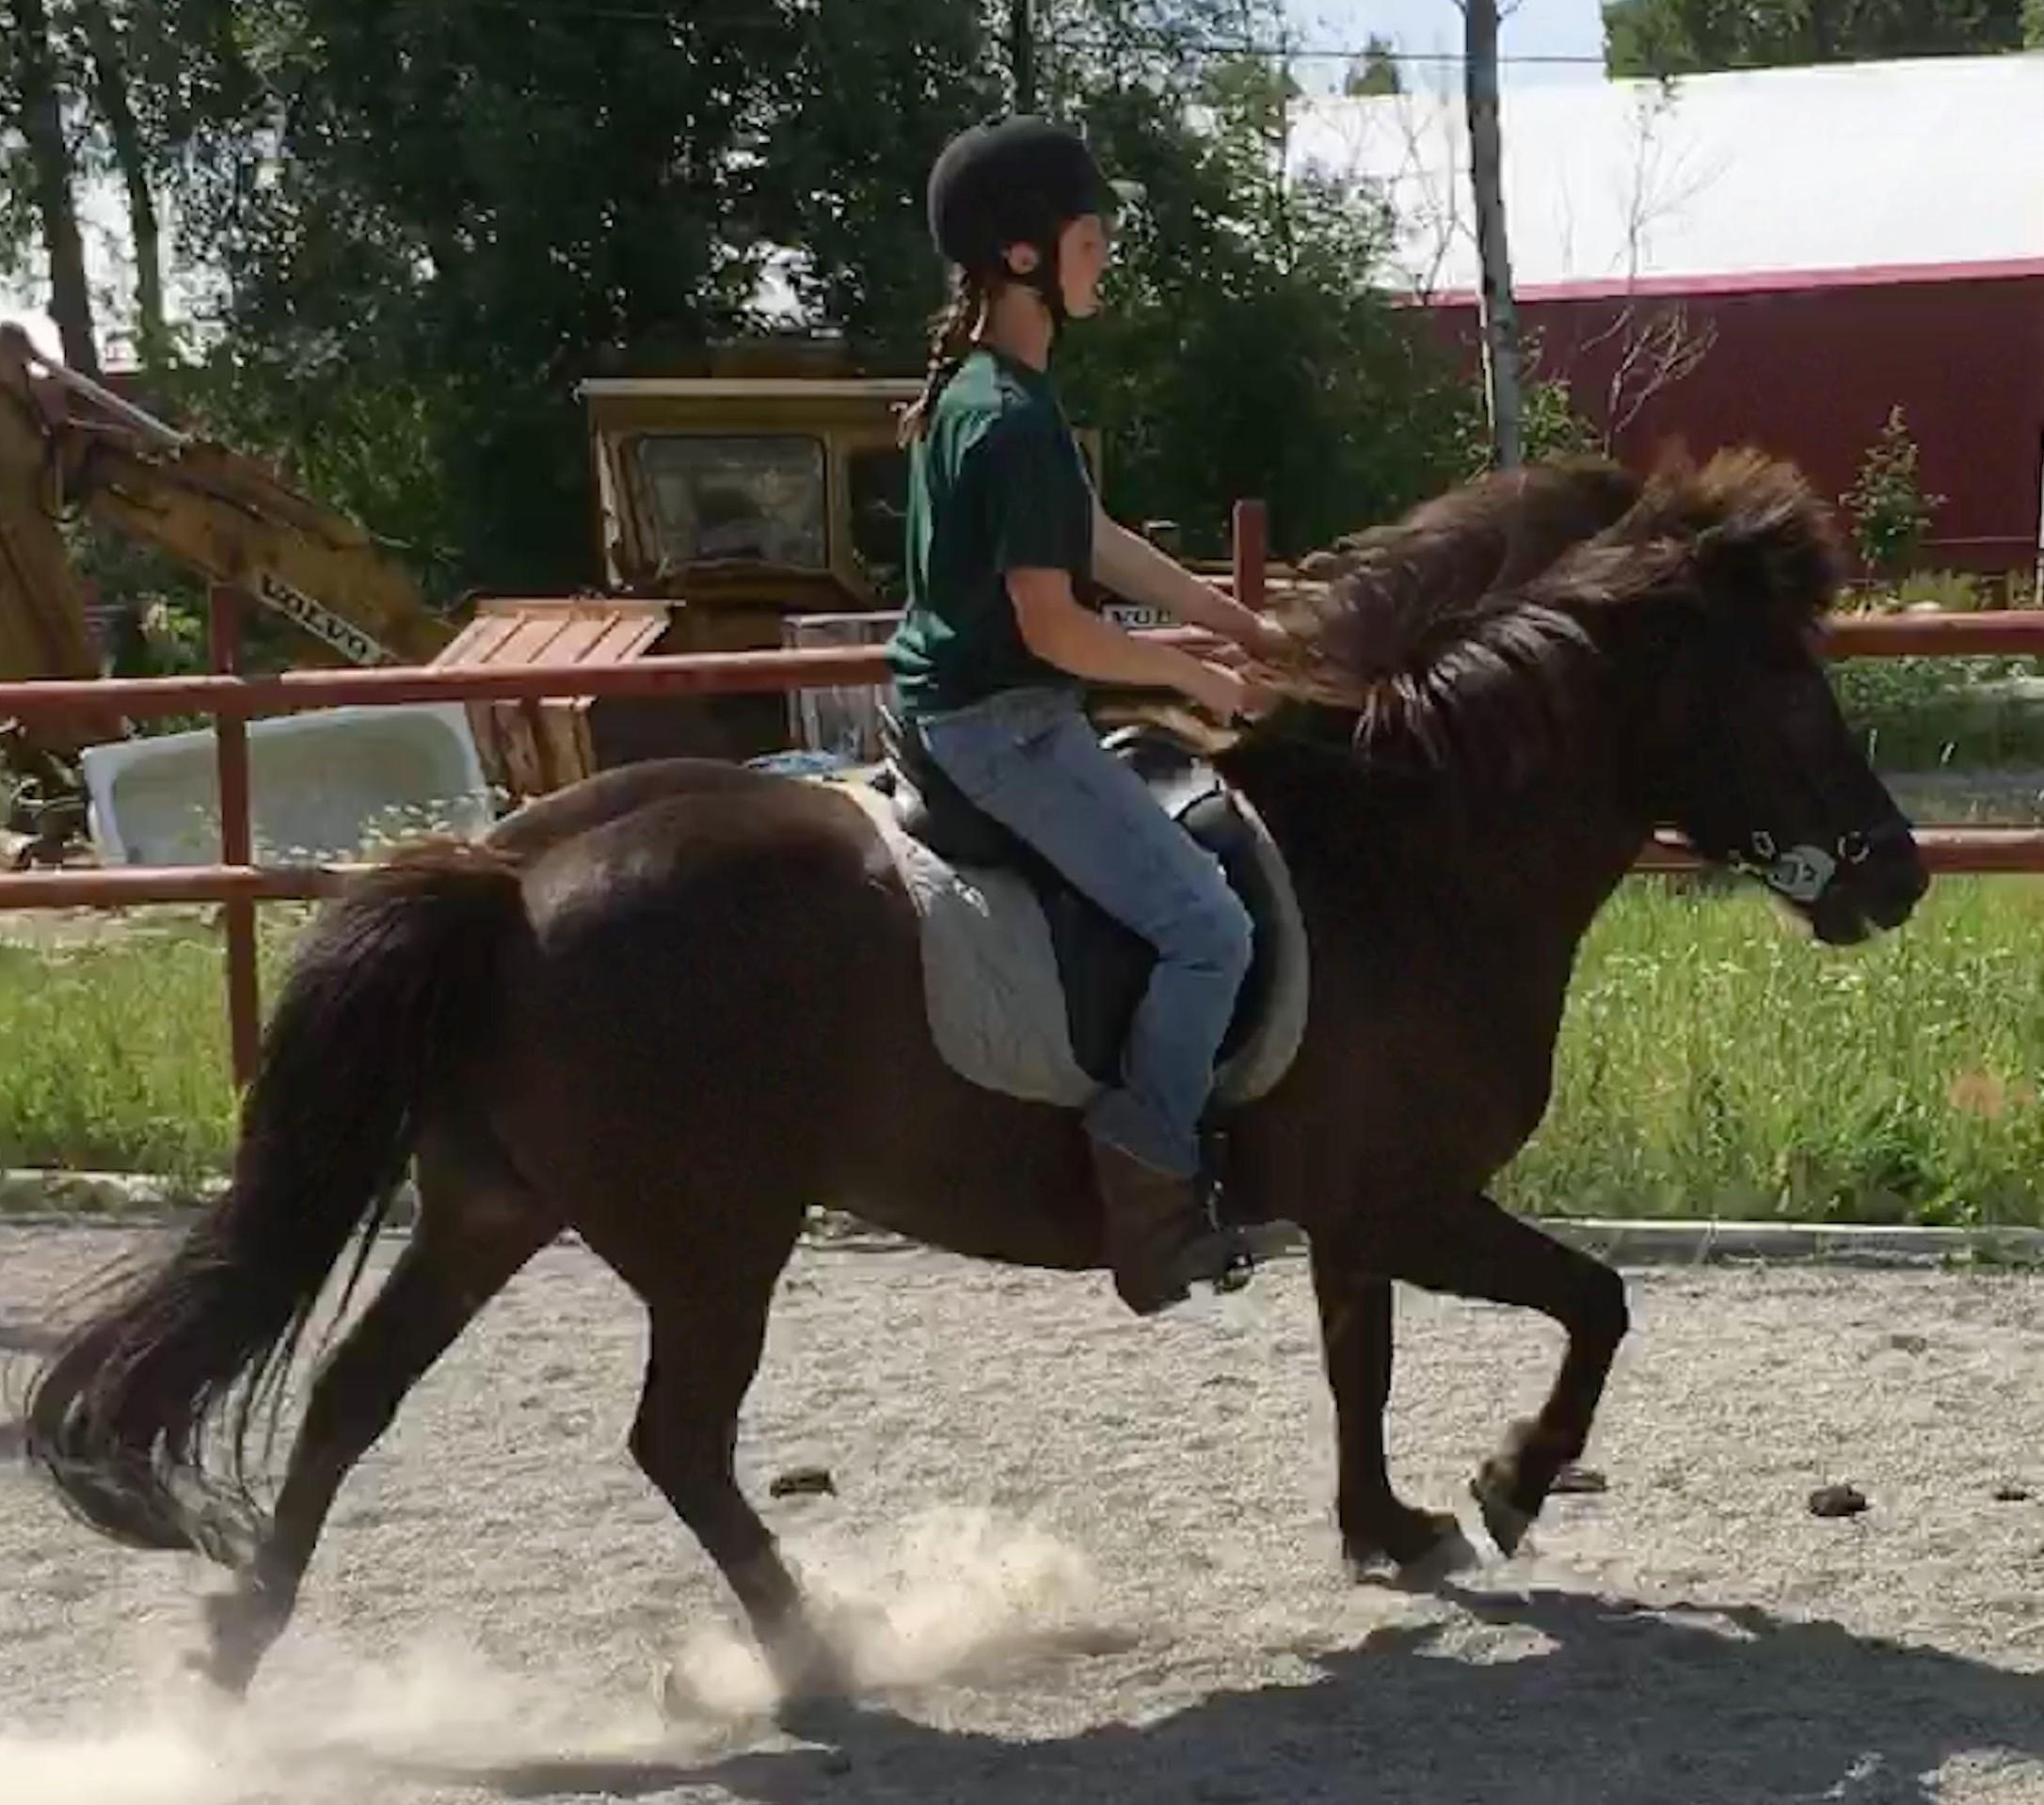 flea Our horses-sparrispislandshastar.com | 2020